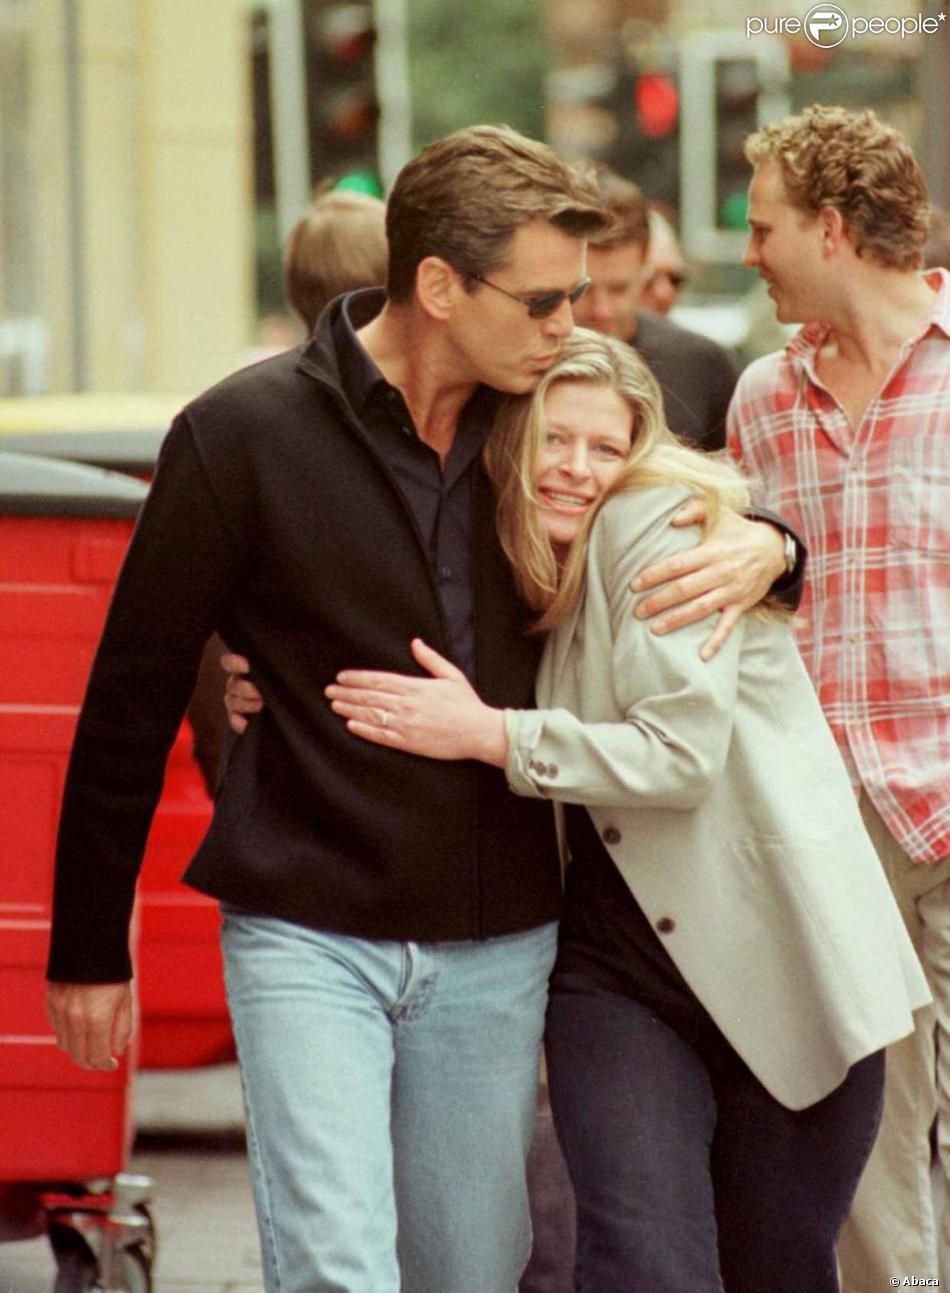 Pierce Brosnan et sa fille Charlotte, à Edimbourg (photo non datée)